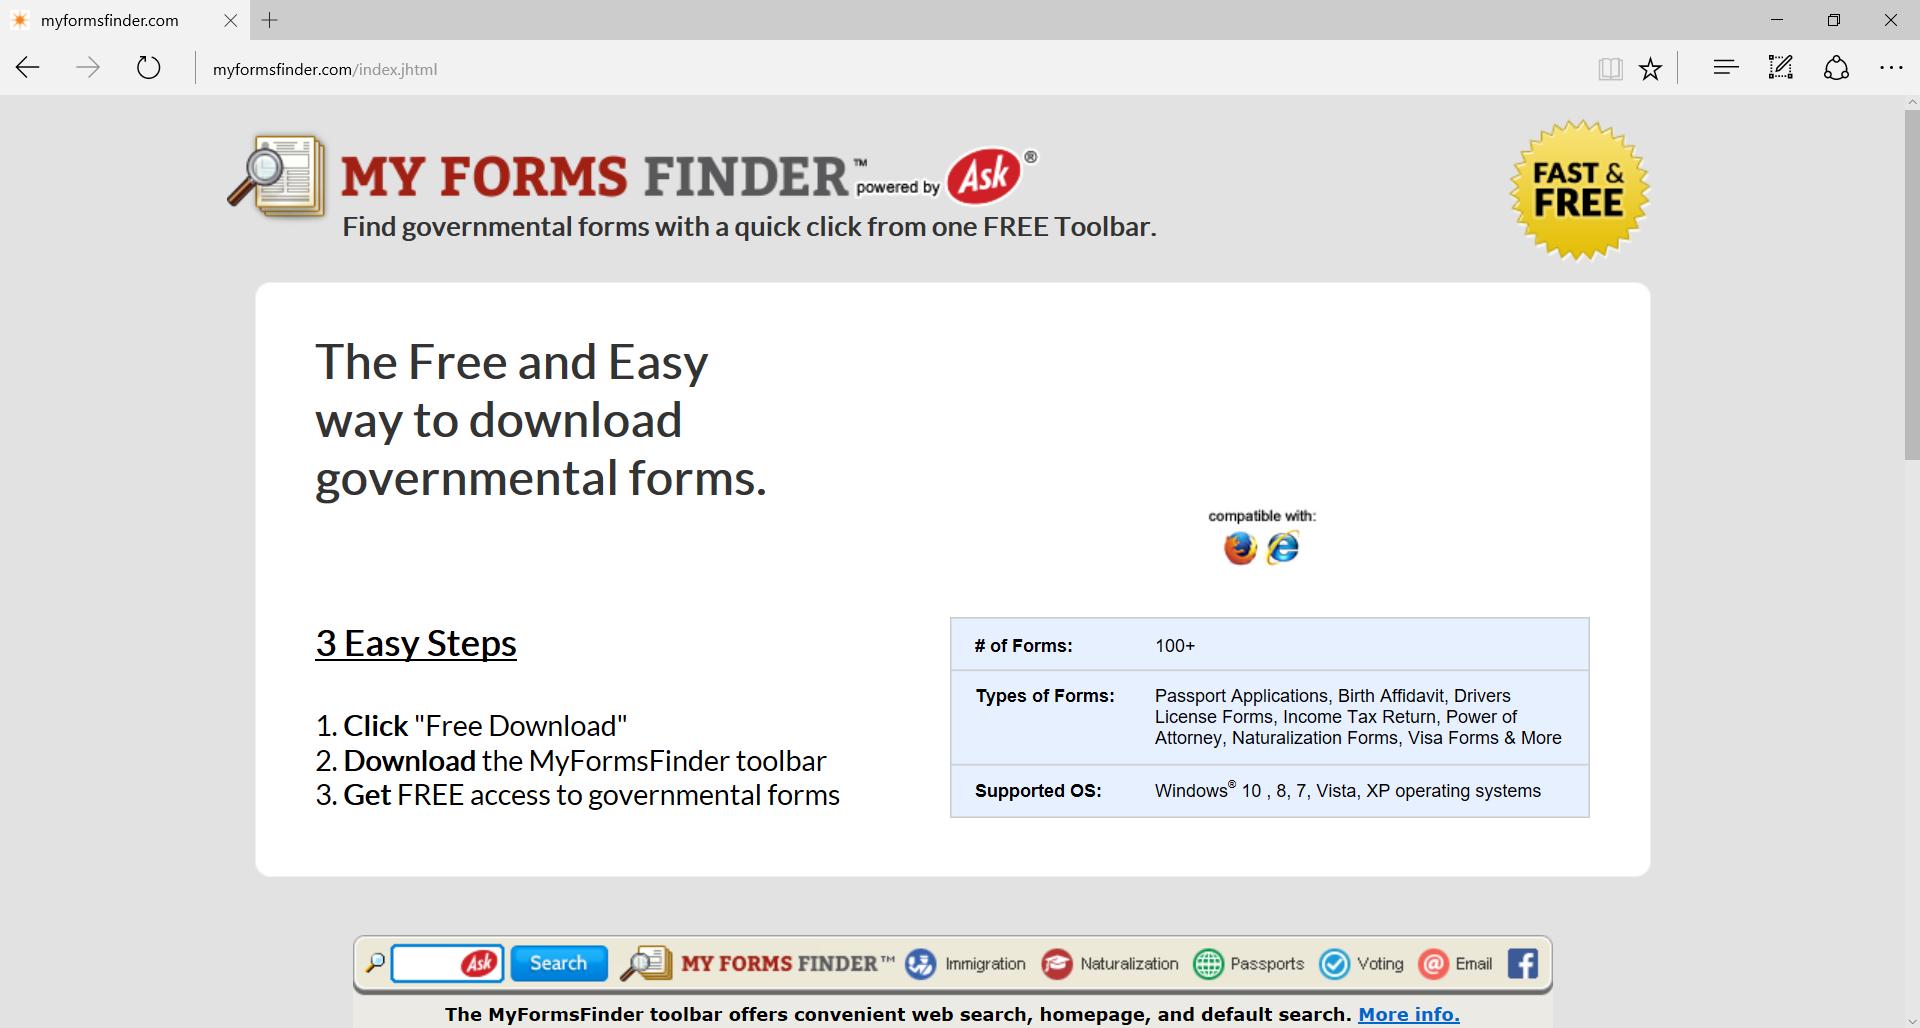 FunPopularGames Toolbar